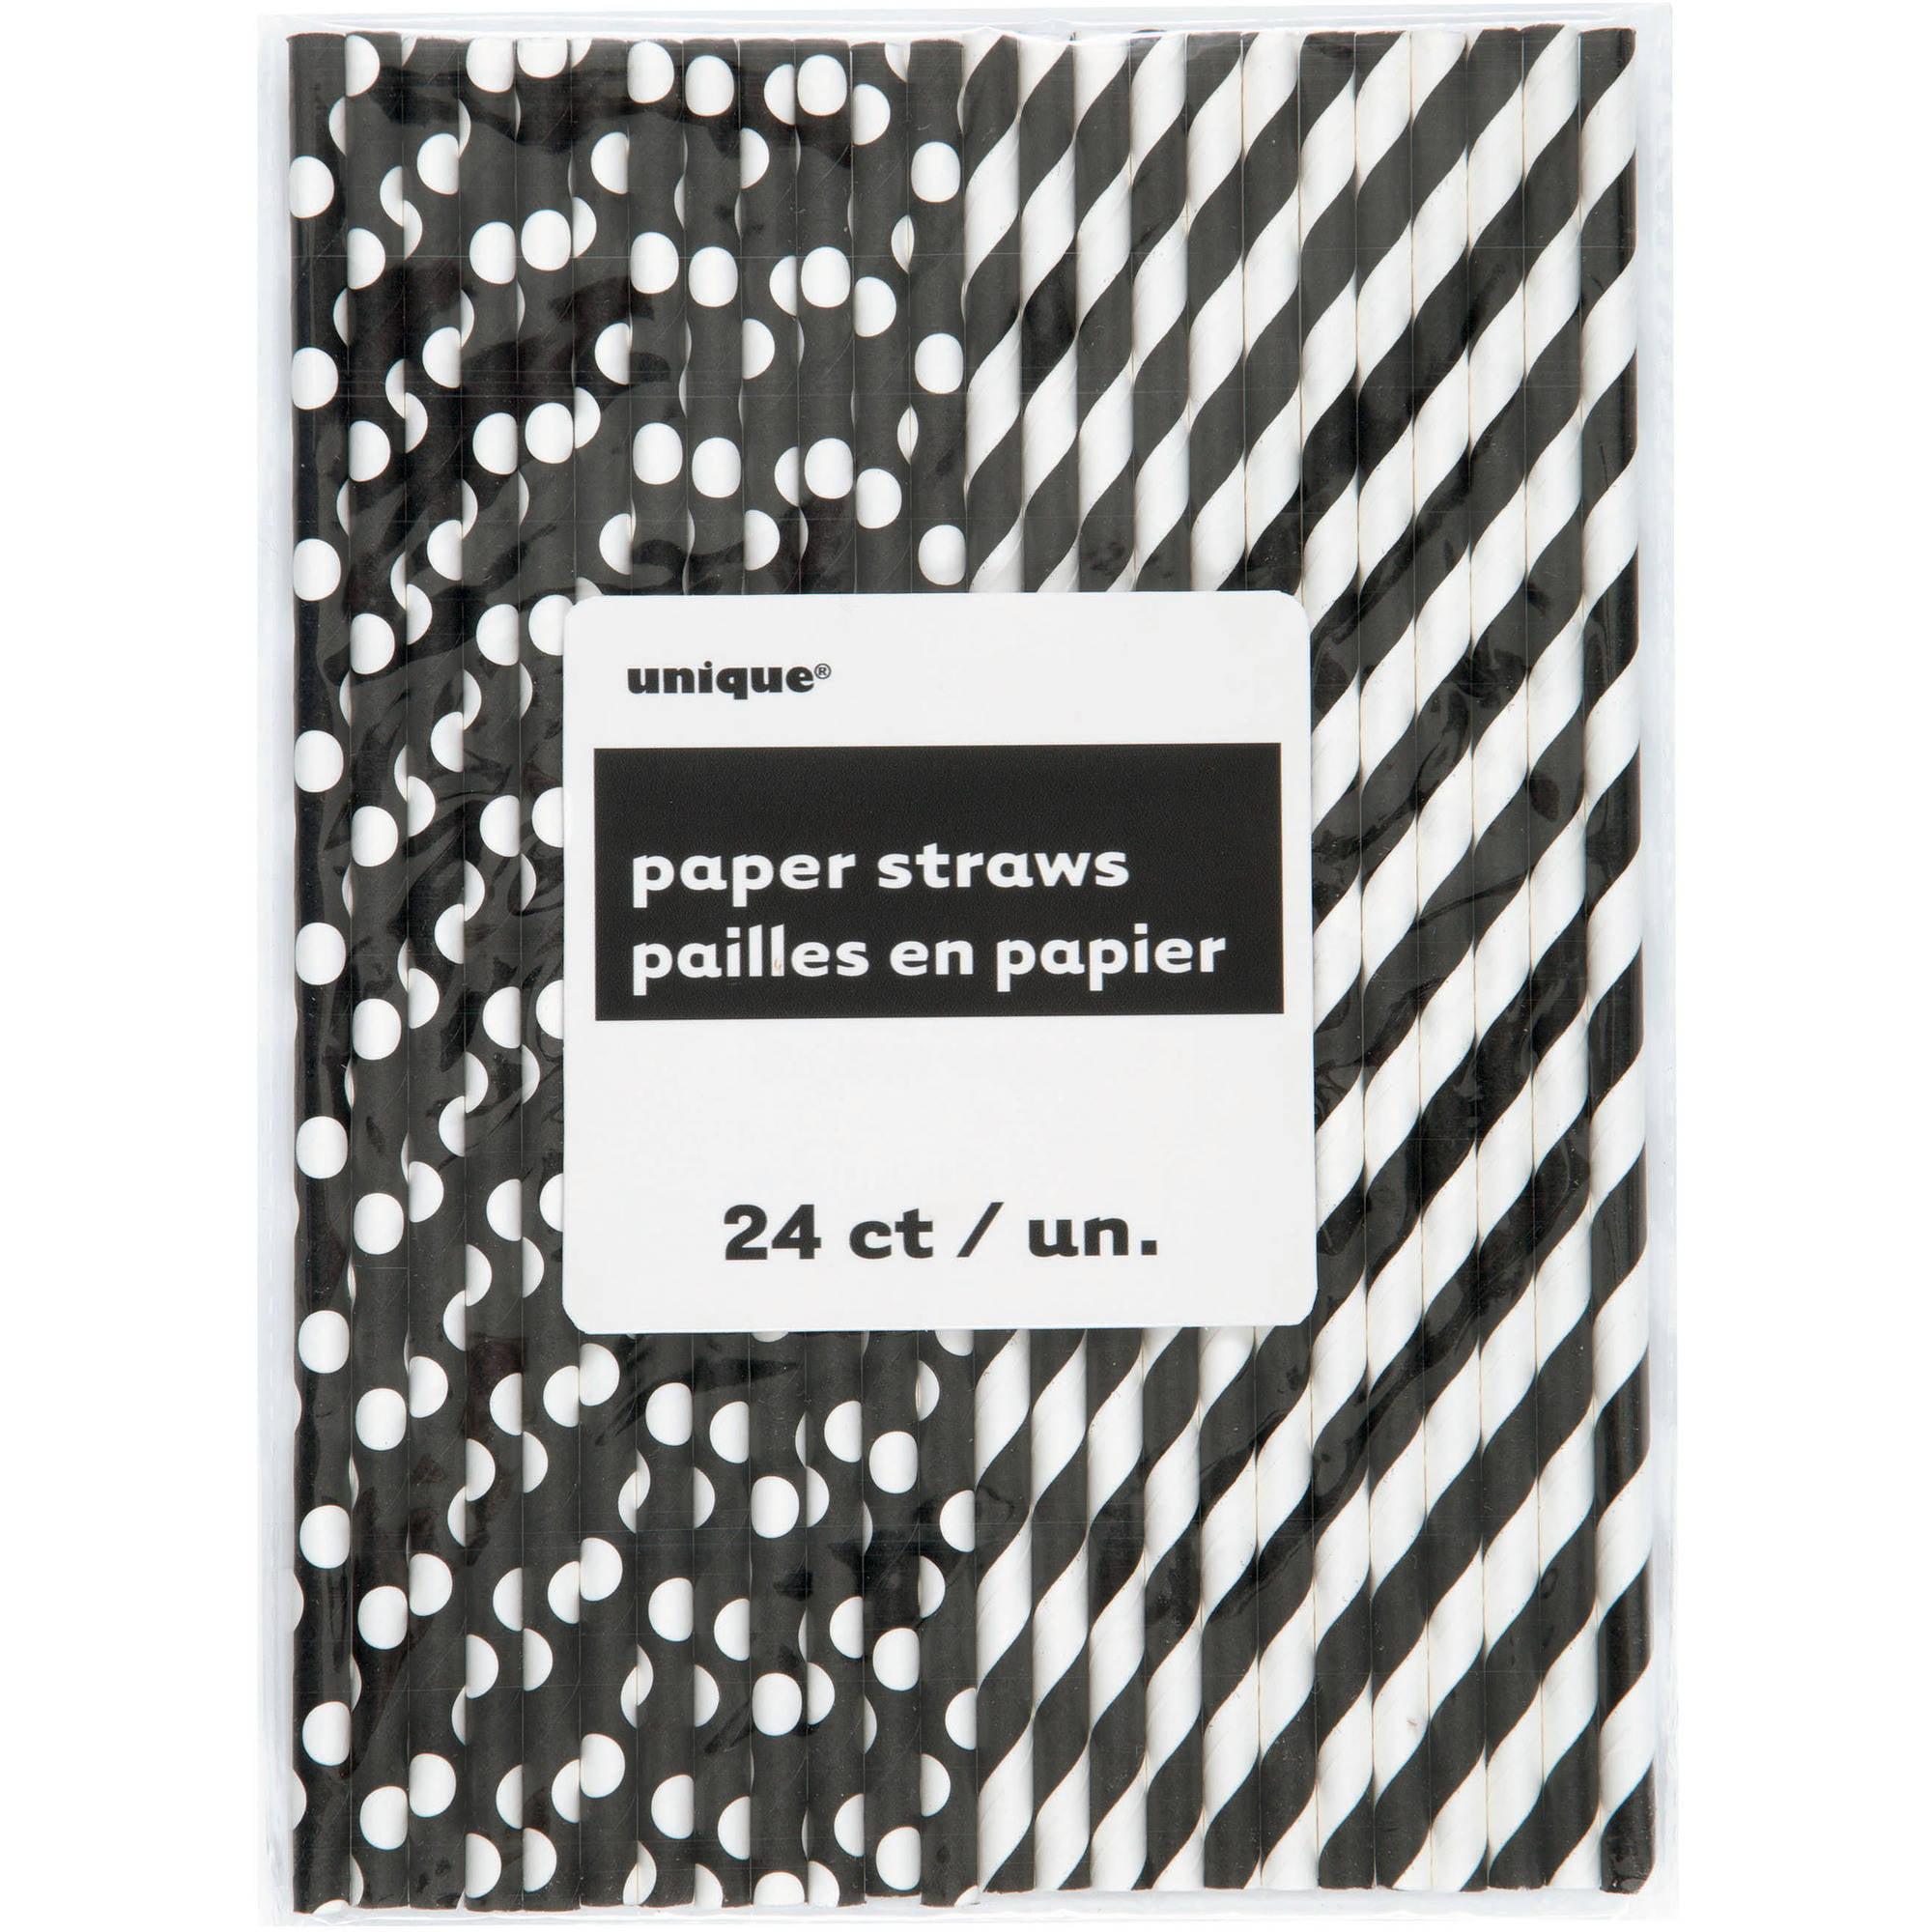 (3 Pack) Polka Dot & Striped Paper Straws, 8.25 in, Black, 24ct